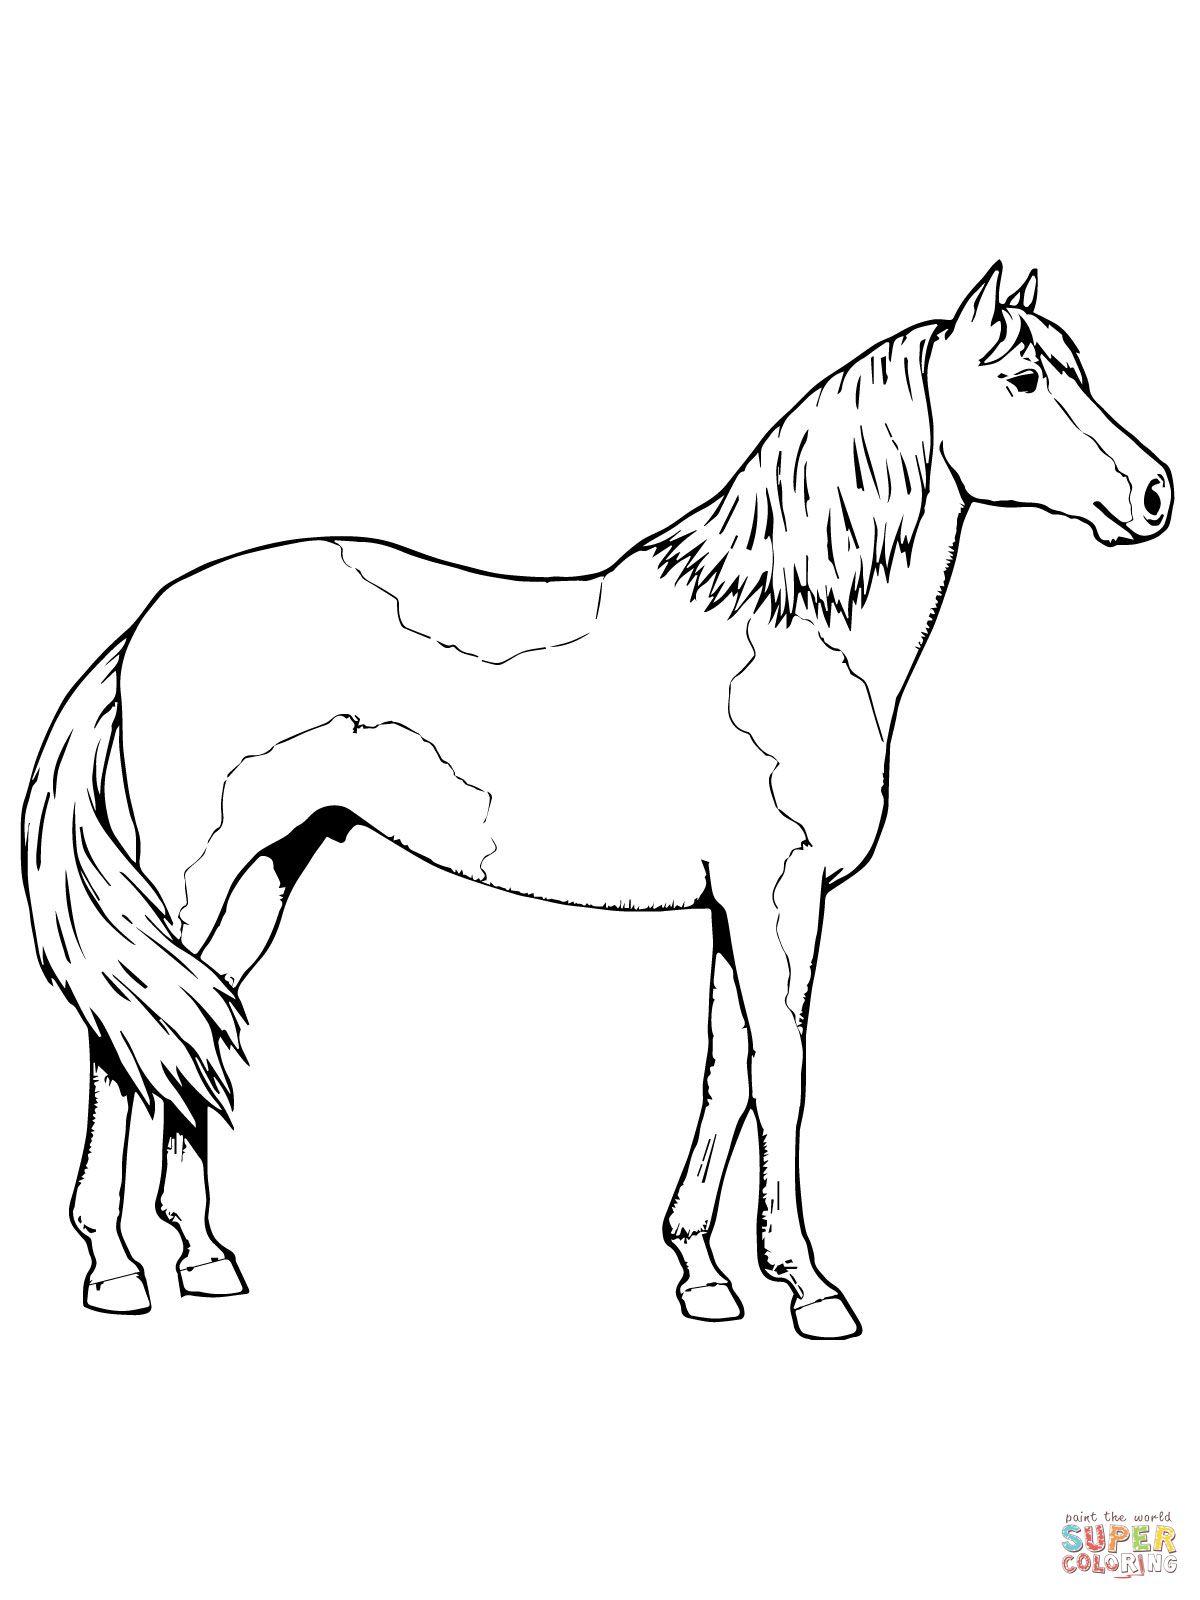 65 supercoloring pferde  malvorlagen für kinder zum